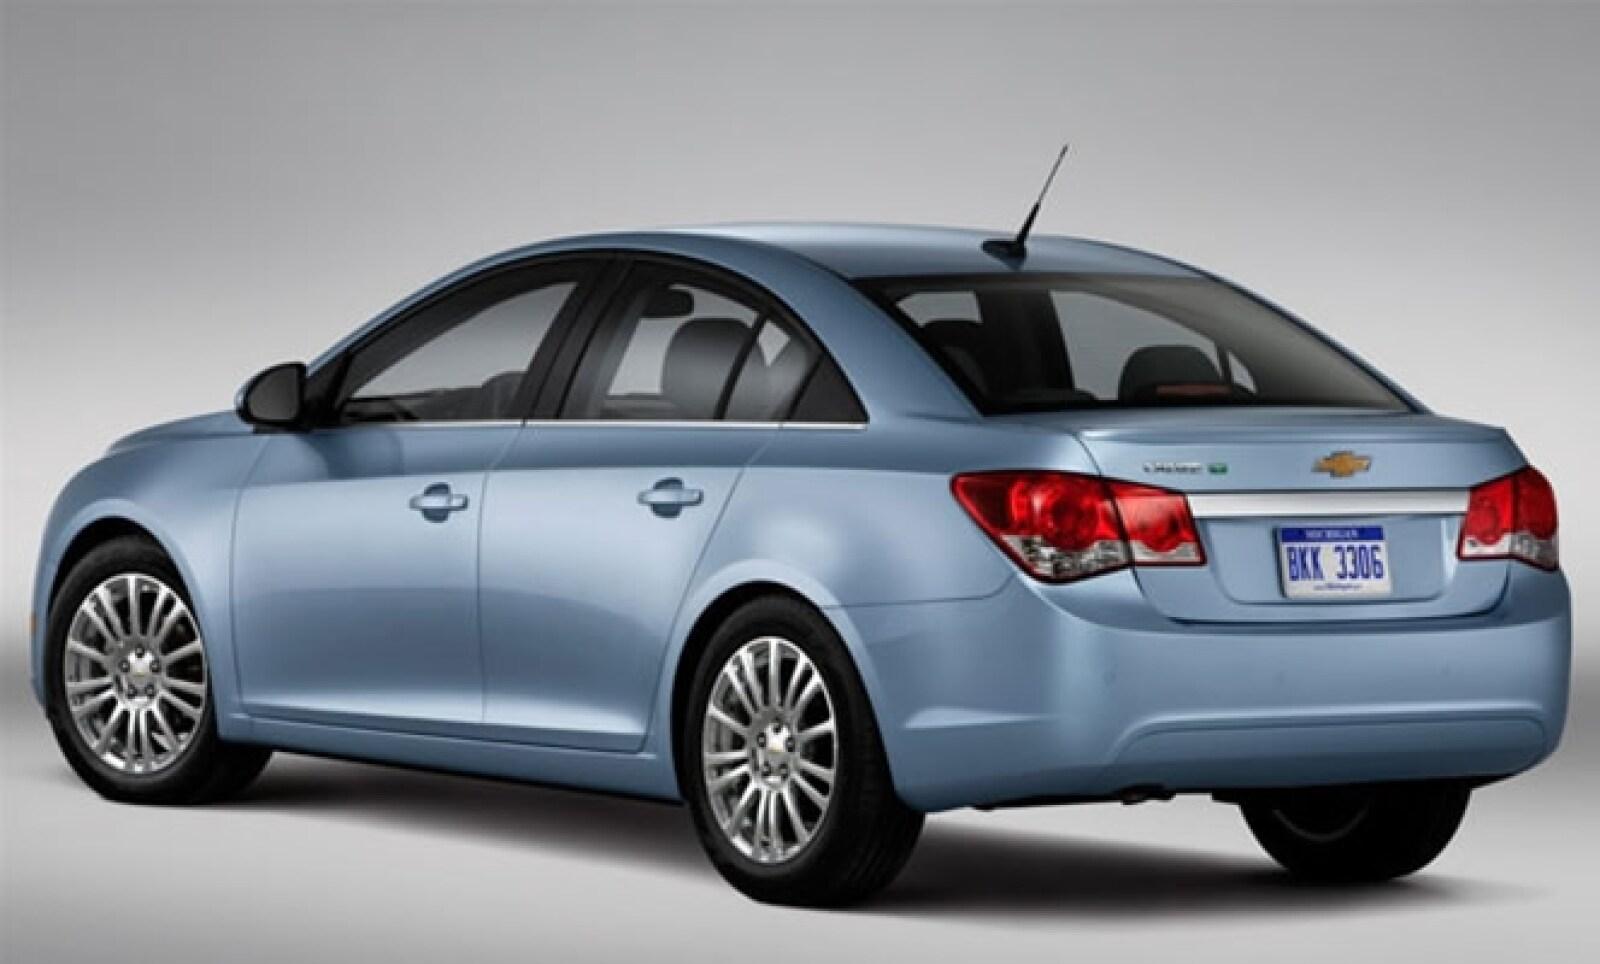 Chevrolet rediseña uno de sus autos insignias y le agrega opción ecológica para cuidado responsable de combustible. Se espera que esté a la venta en otoño de 2010.